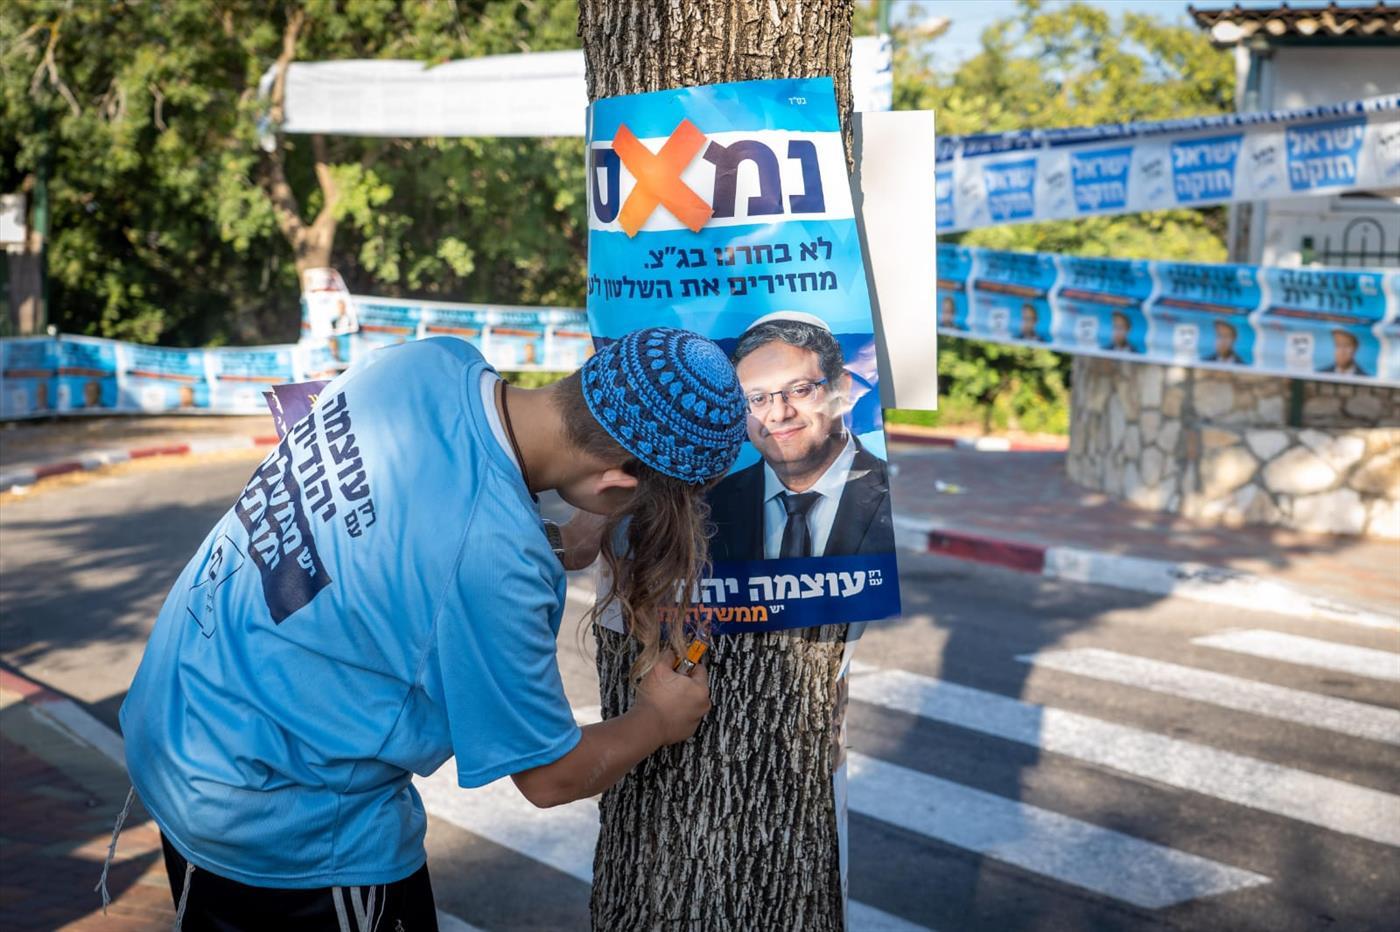 מה חושבת מקום 2 בעוצמה יהודית על גיוס נשים?